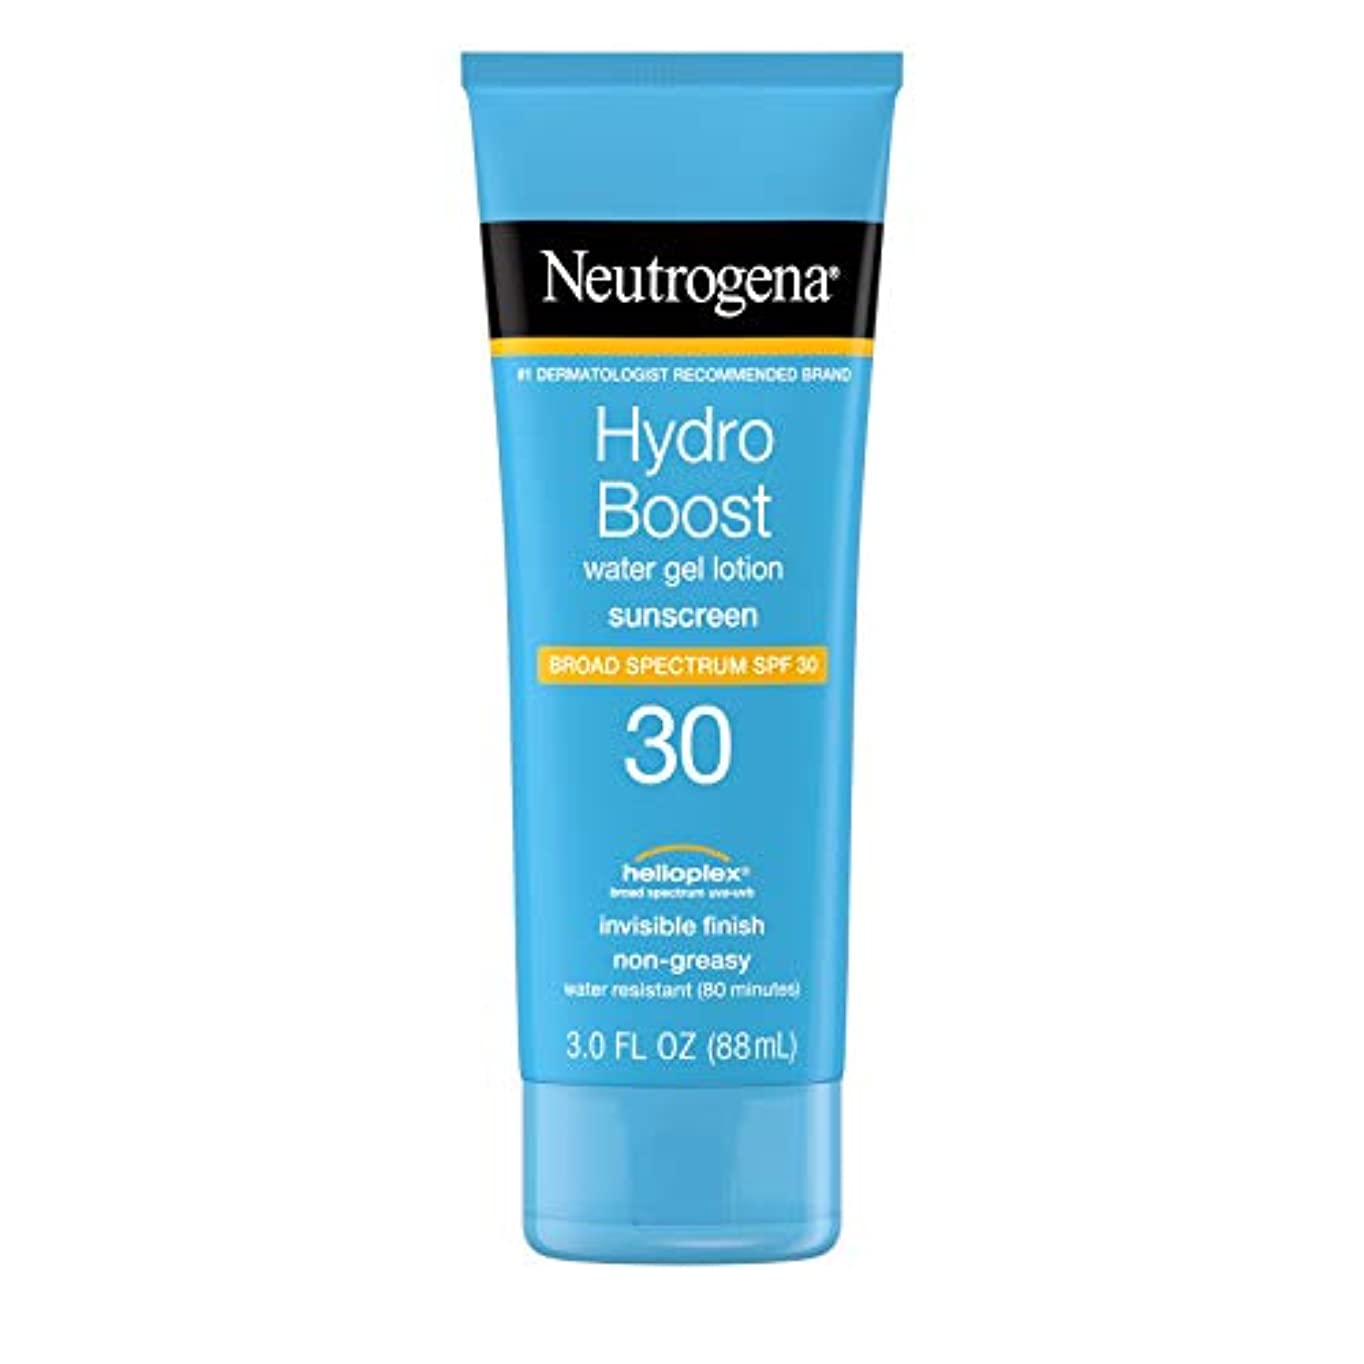 モザイク寂しい読書Neutrogena ハイドロは、広域スペクトルSPF 30、耐水性、3フロリダ水ゲルべたつかない保湿日焼け止めローションを後押し。オズ